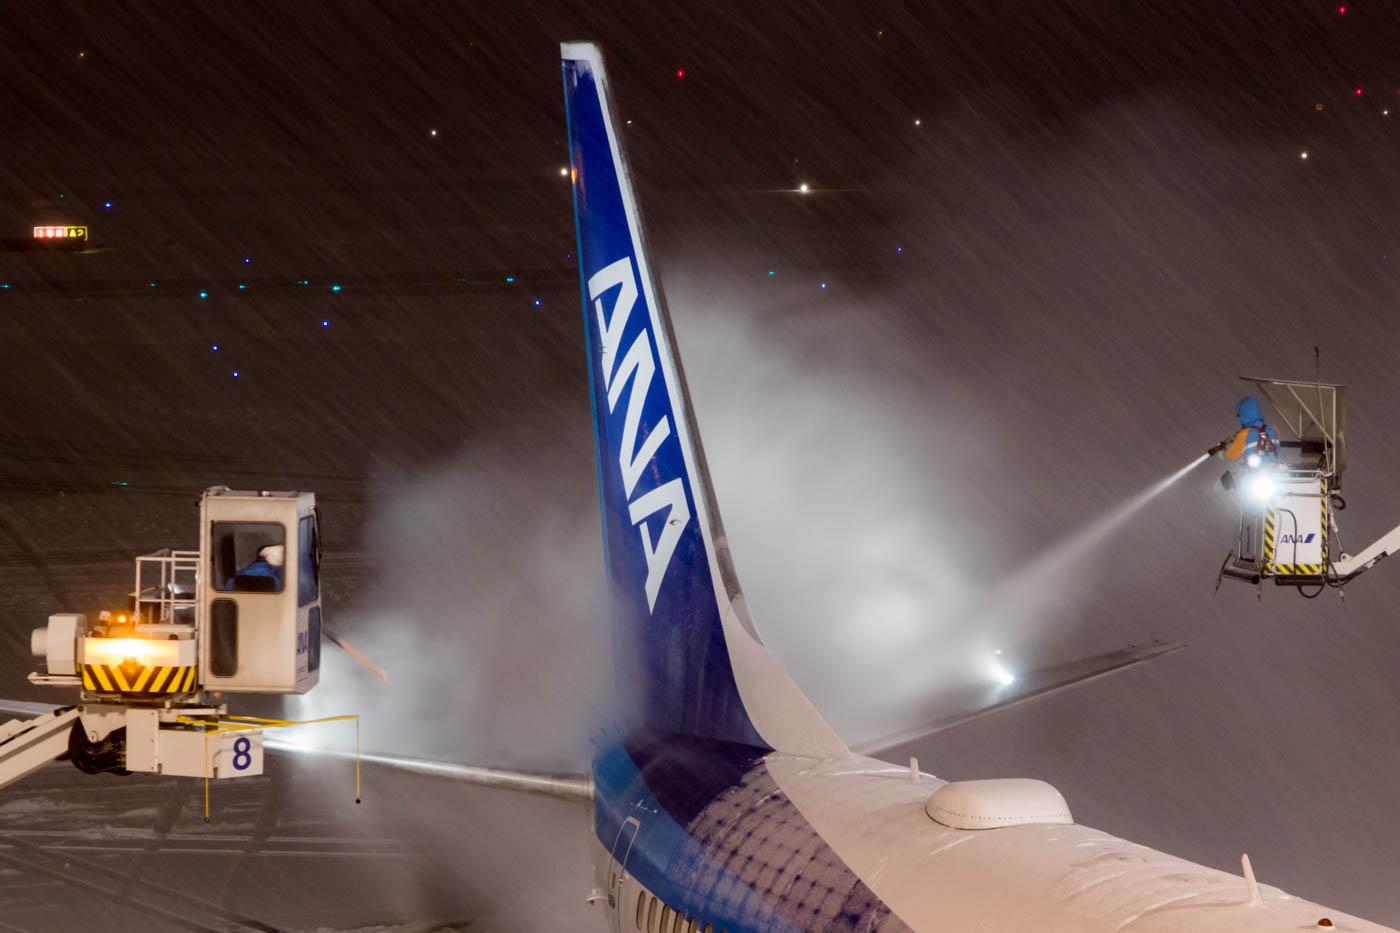 ANA 737 De-Icing